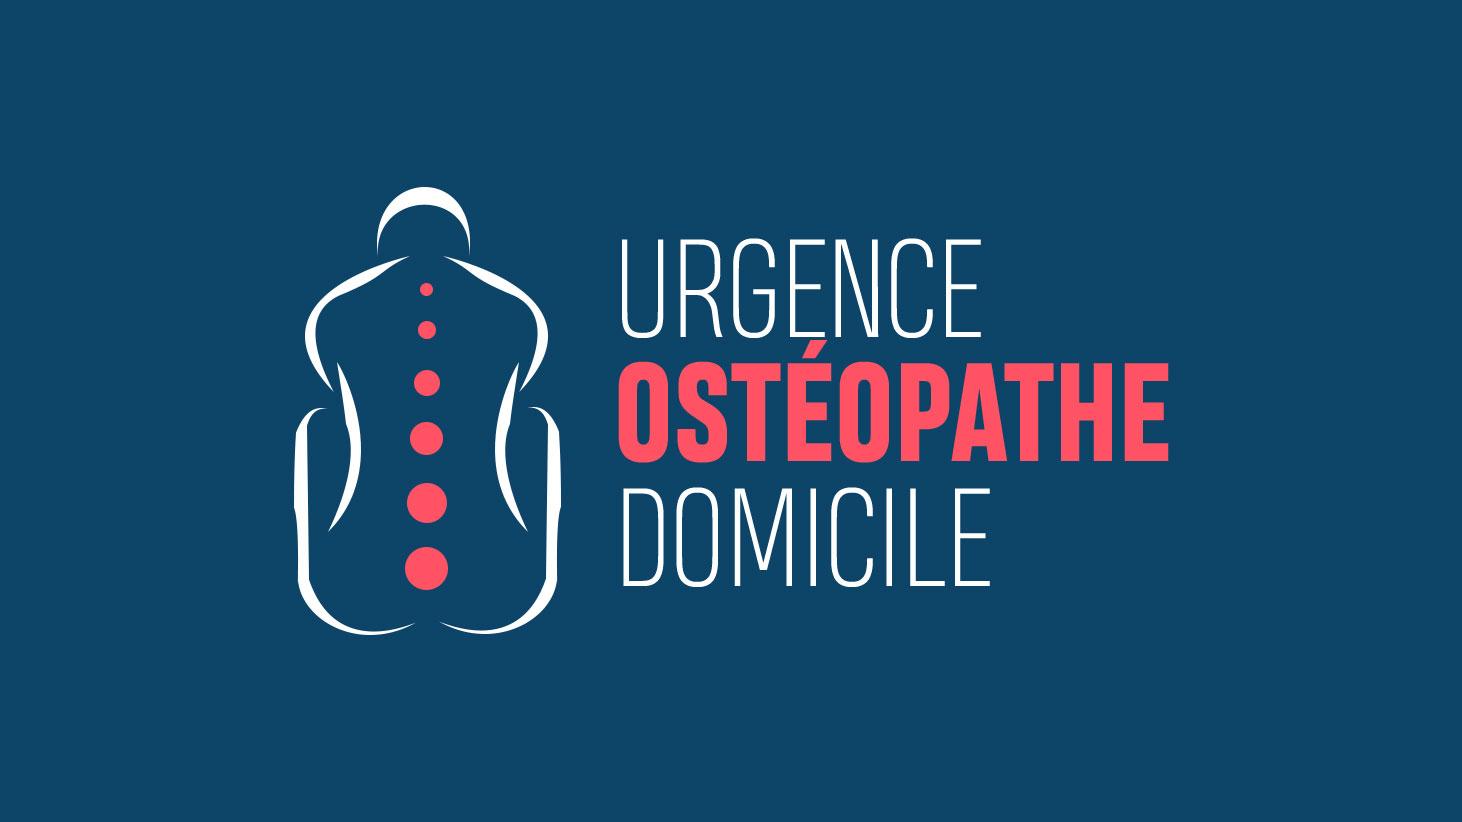 Urgence Ostéo : Intervention ostéopathe à domicile dans le 9